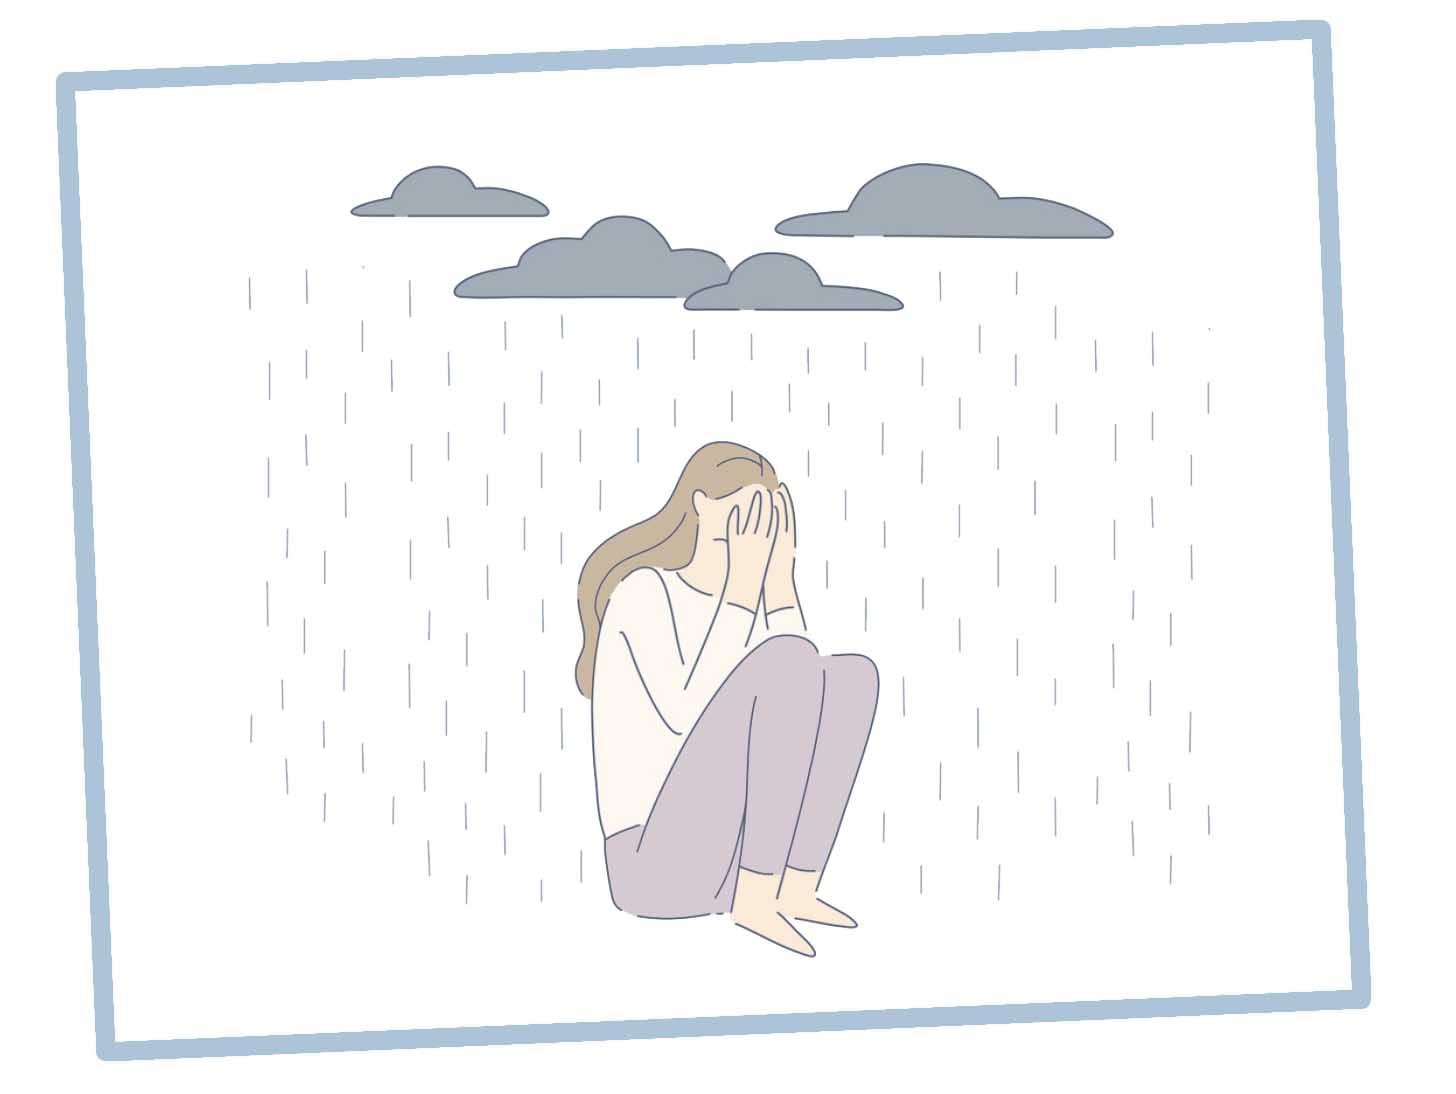 депрессия у женщин, как выйти самостоятельно